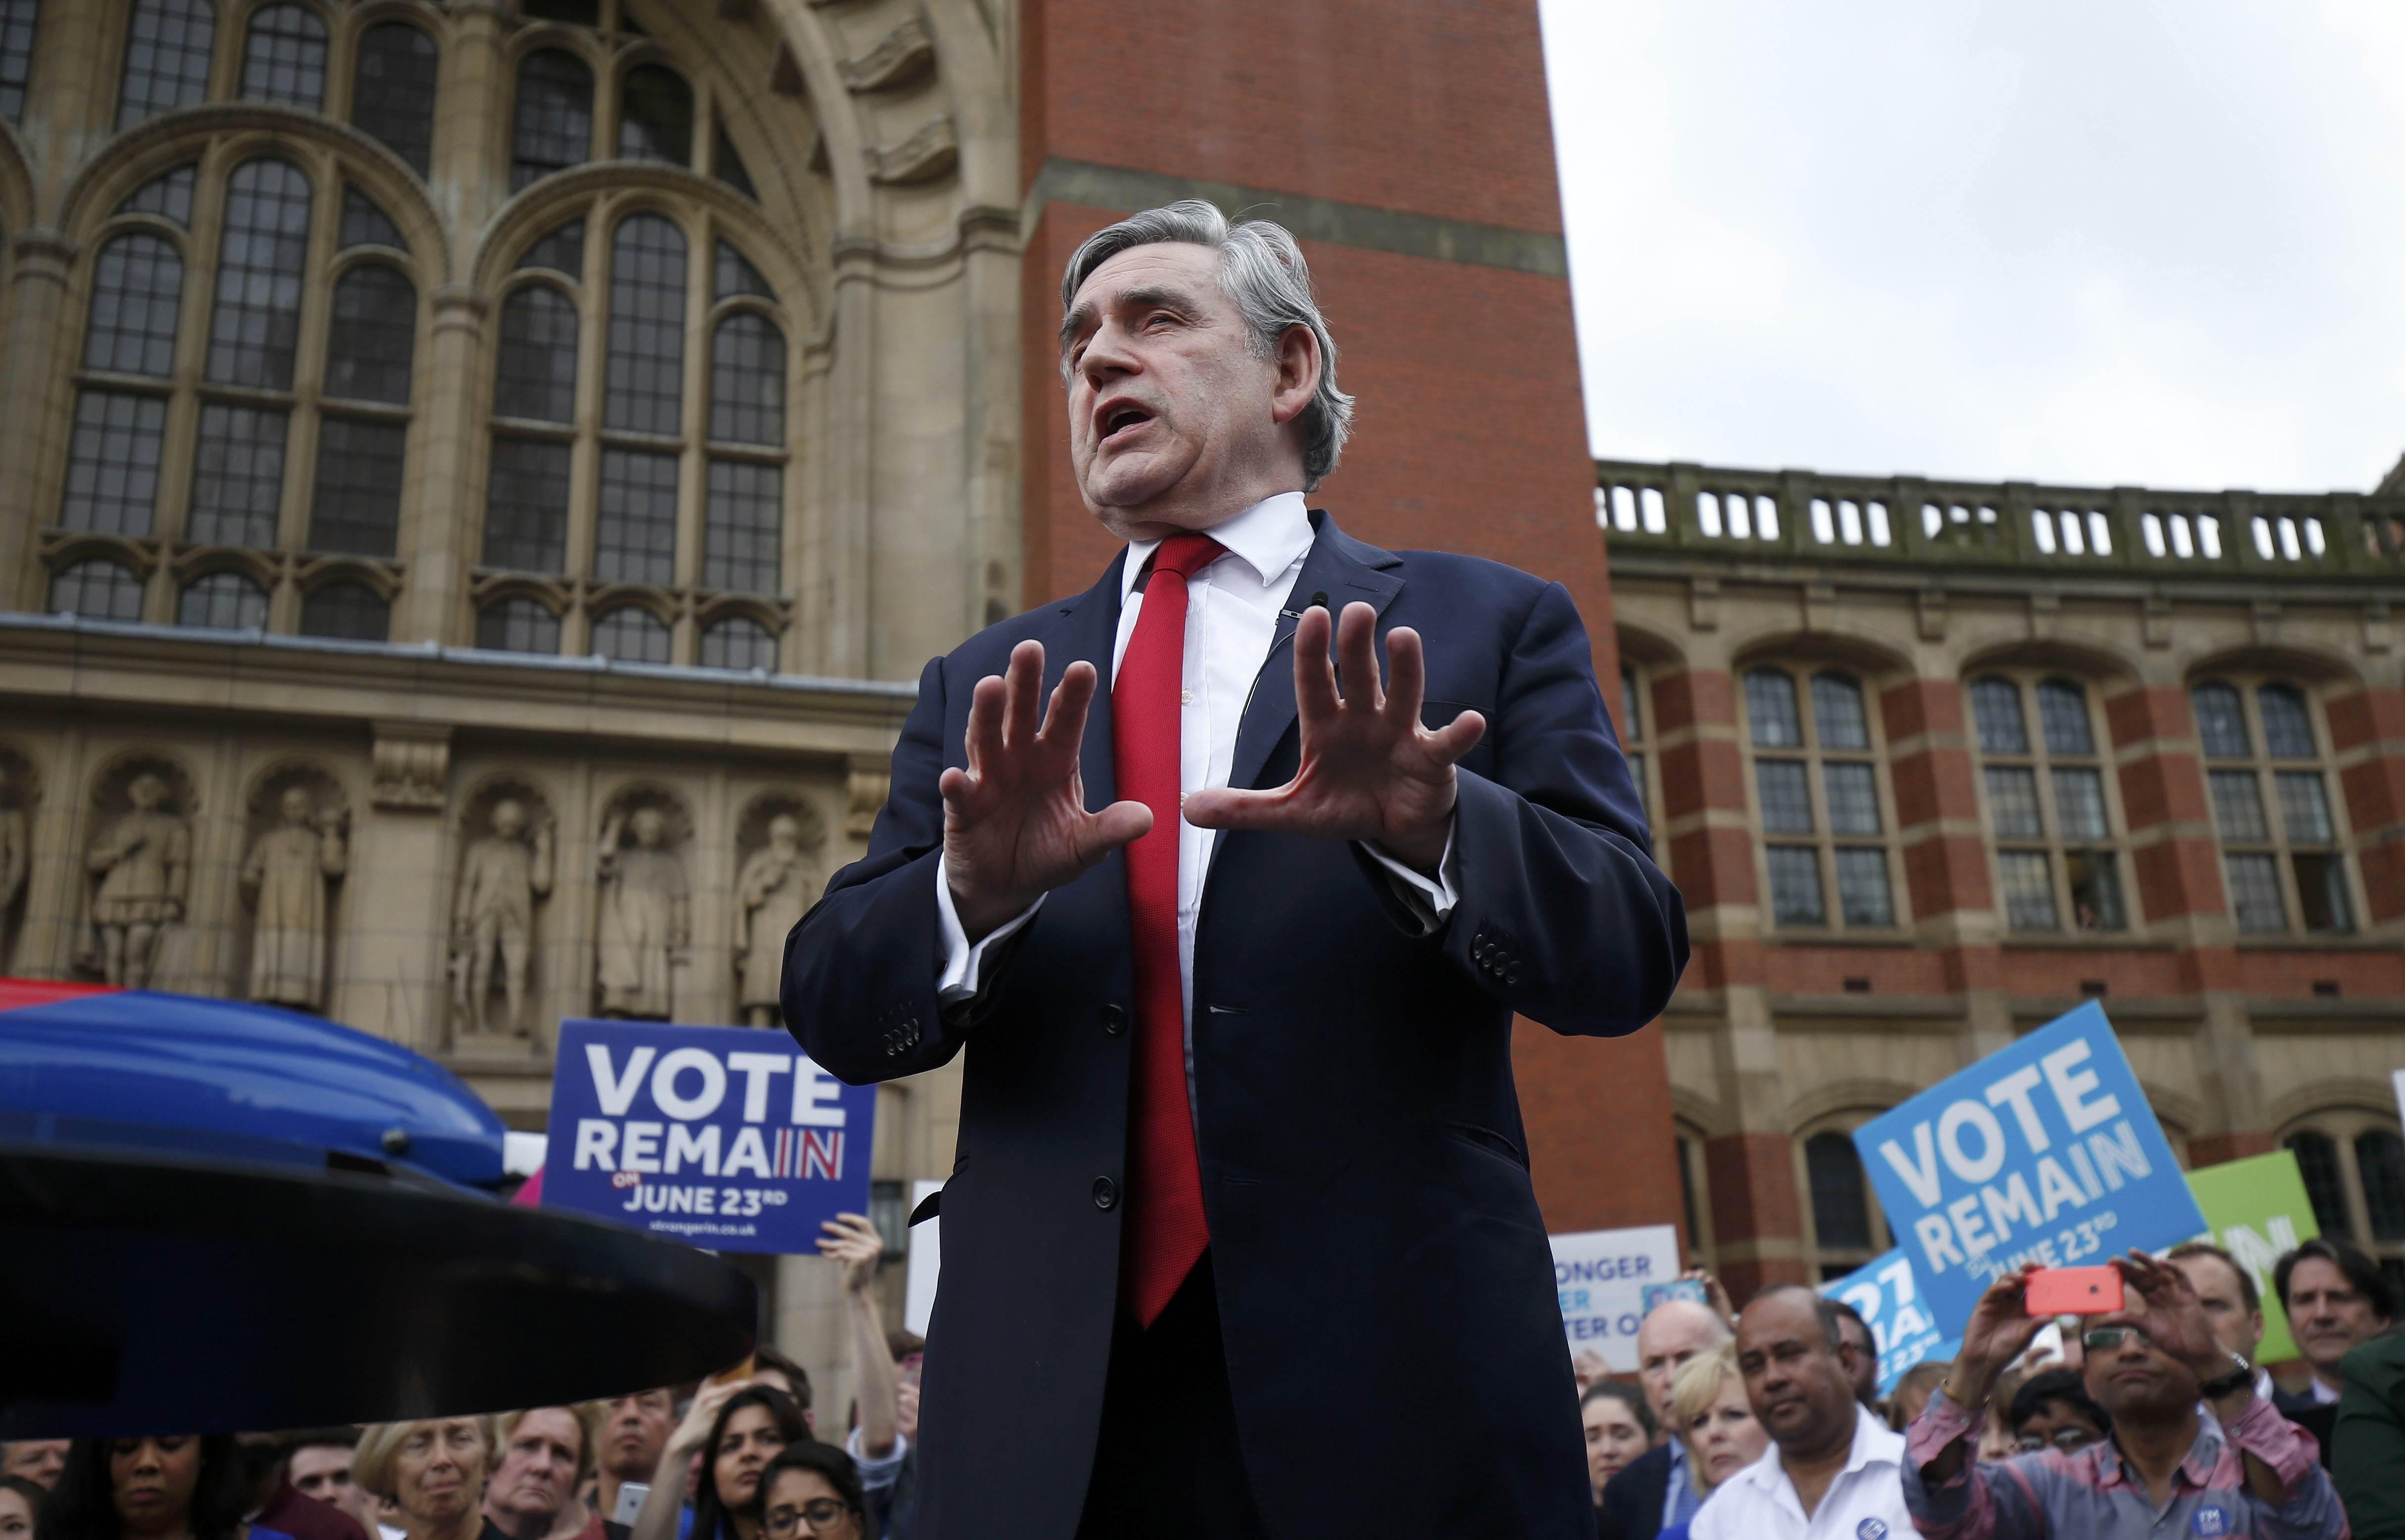 """Cựu Thủ tướng Anh Gordon Brown cũng là người ủng hộ mạnh mẽ việc Anh ở lại EU. Nhiều người giơ biểu ngữ """"Bỏ phiếu ở lại EU"""" trong buổi diễn thuyết của ông Brown tại Birmingham (Ảnh: Reuters)"""